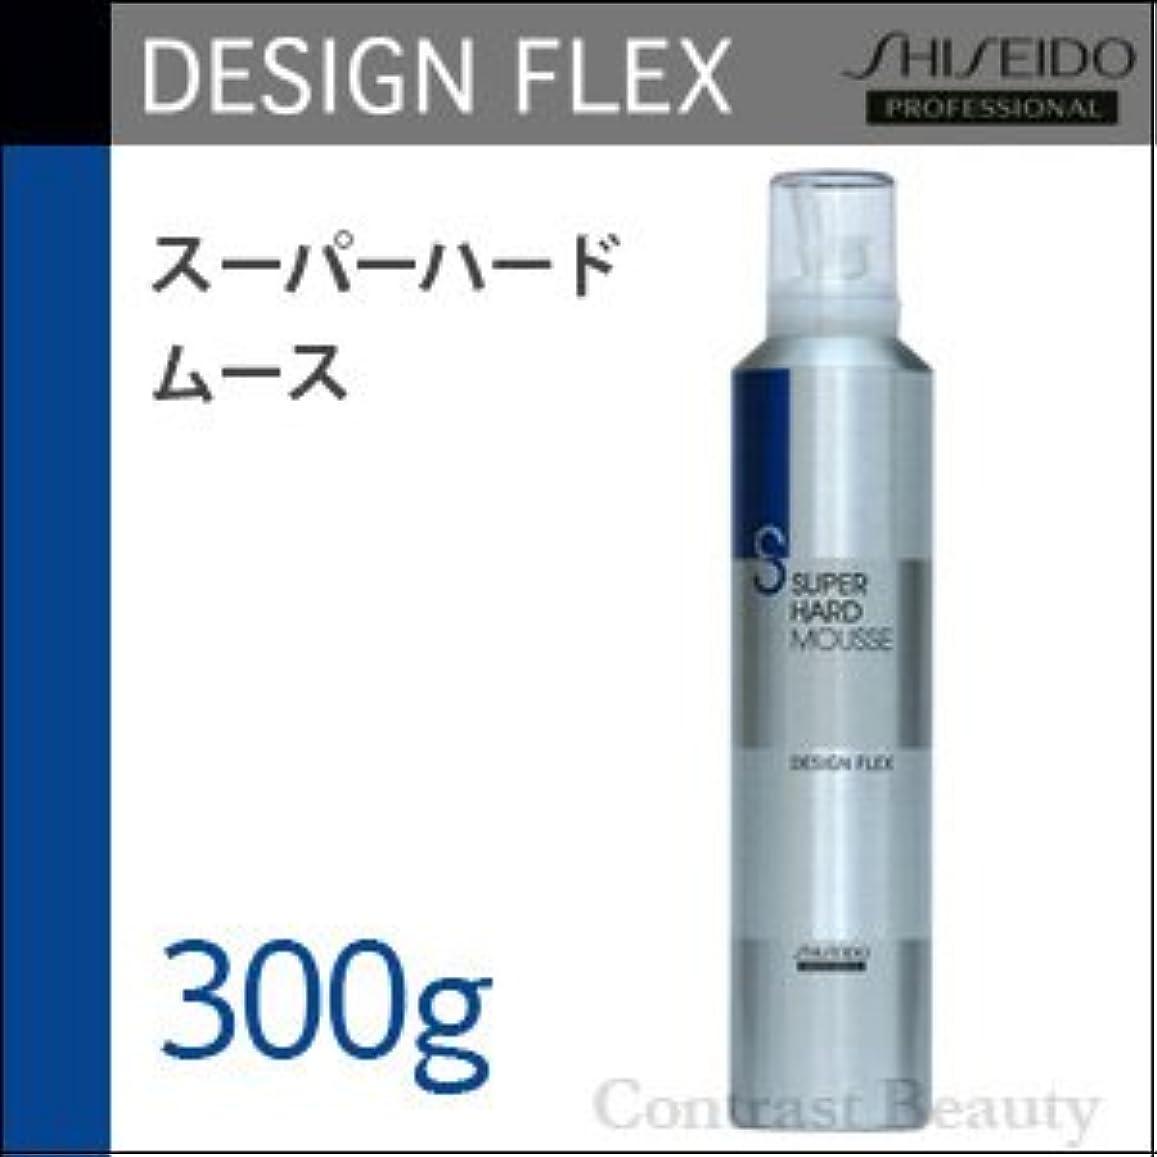 気楽な不名誉な感謝資生堂プロフェッショナル デザインフレックス スーパーハードムース 300g shiseido PROFESSIONAL